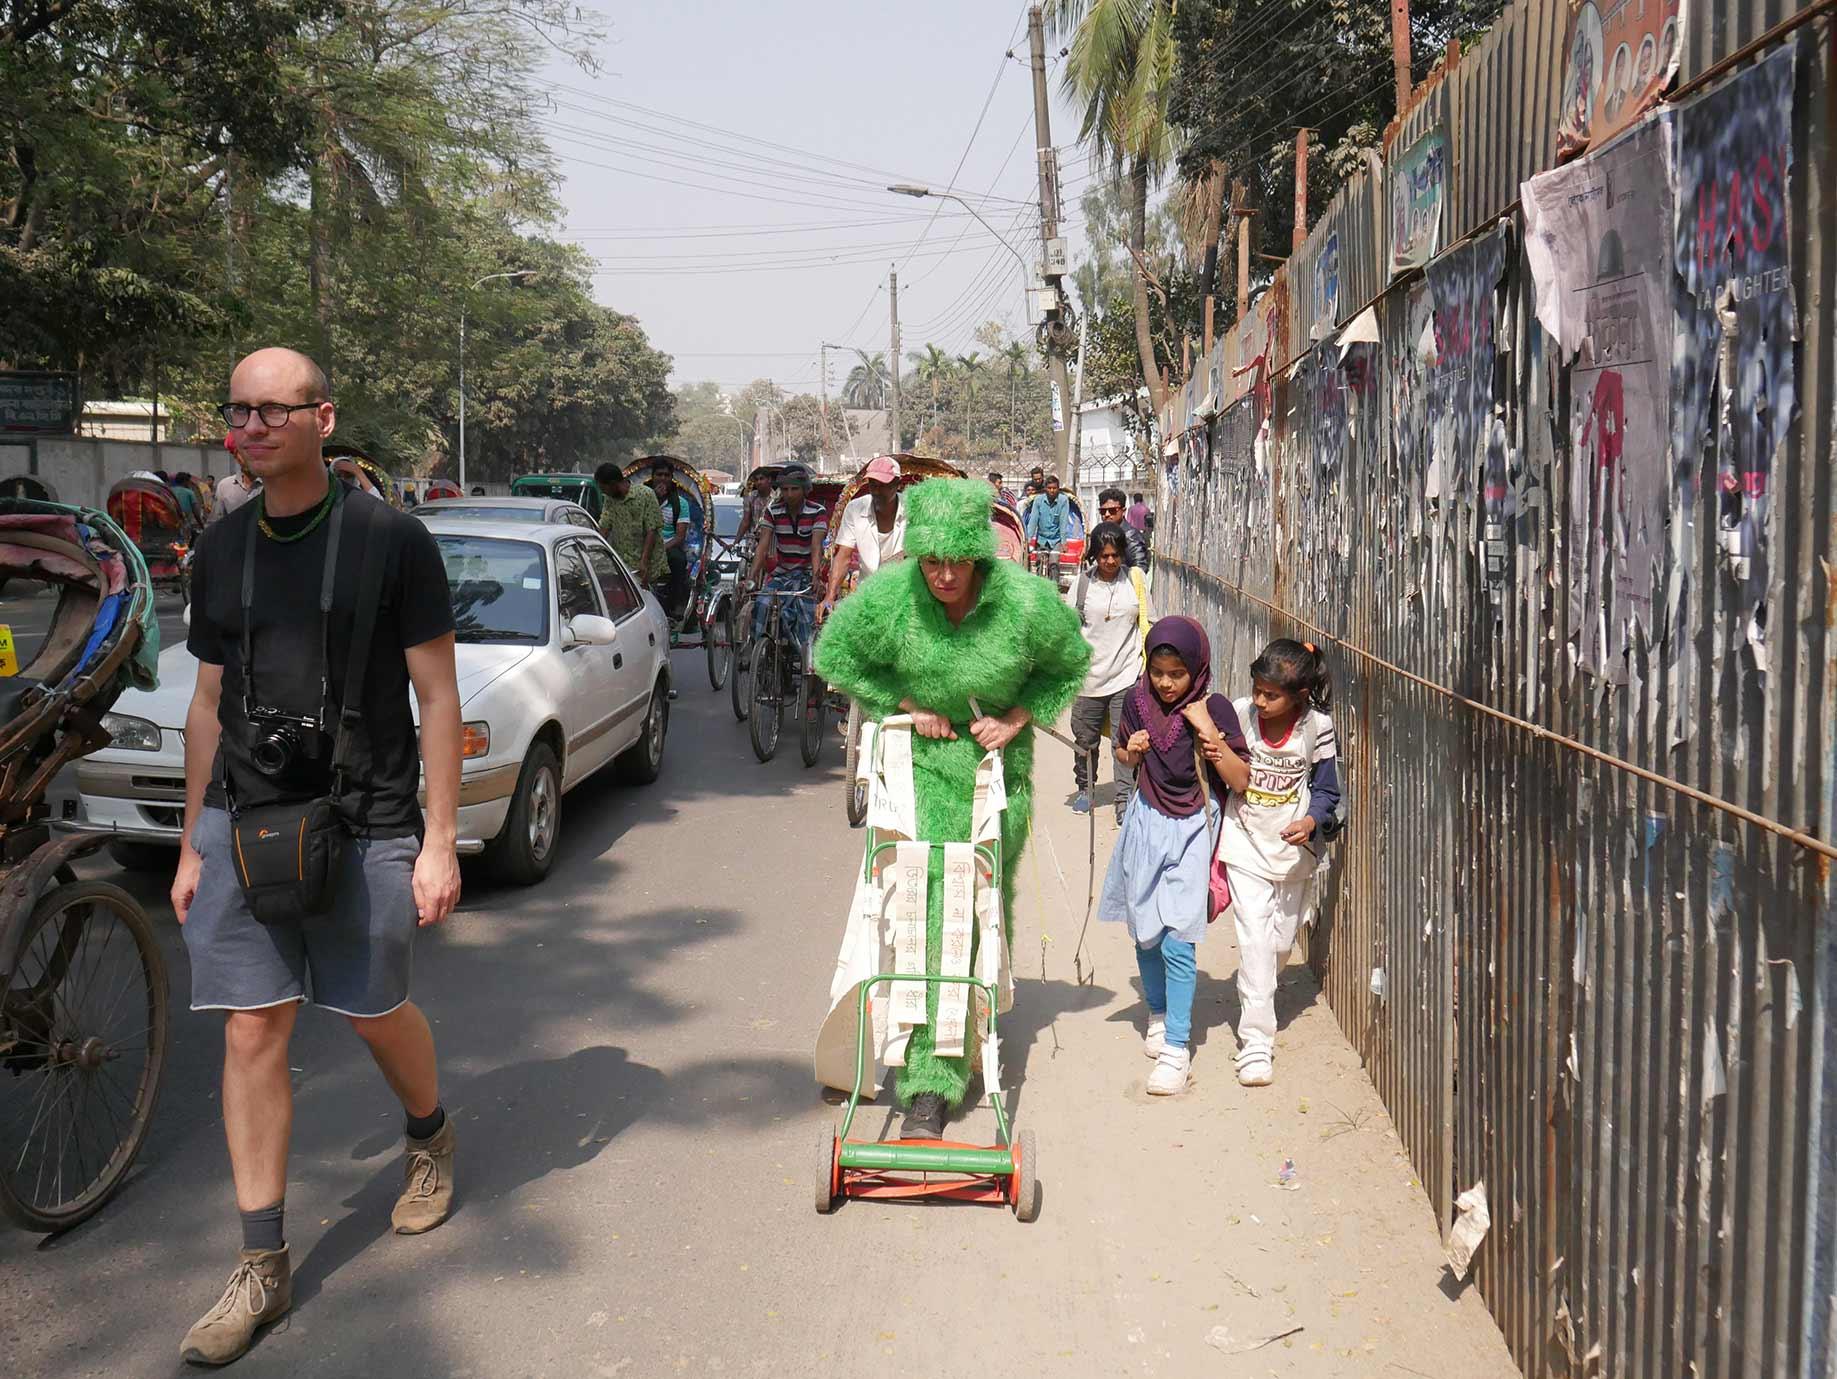 Dhaka2019DagPerfFM_5web.jpg